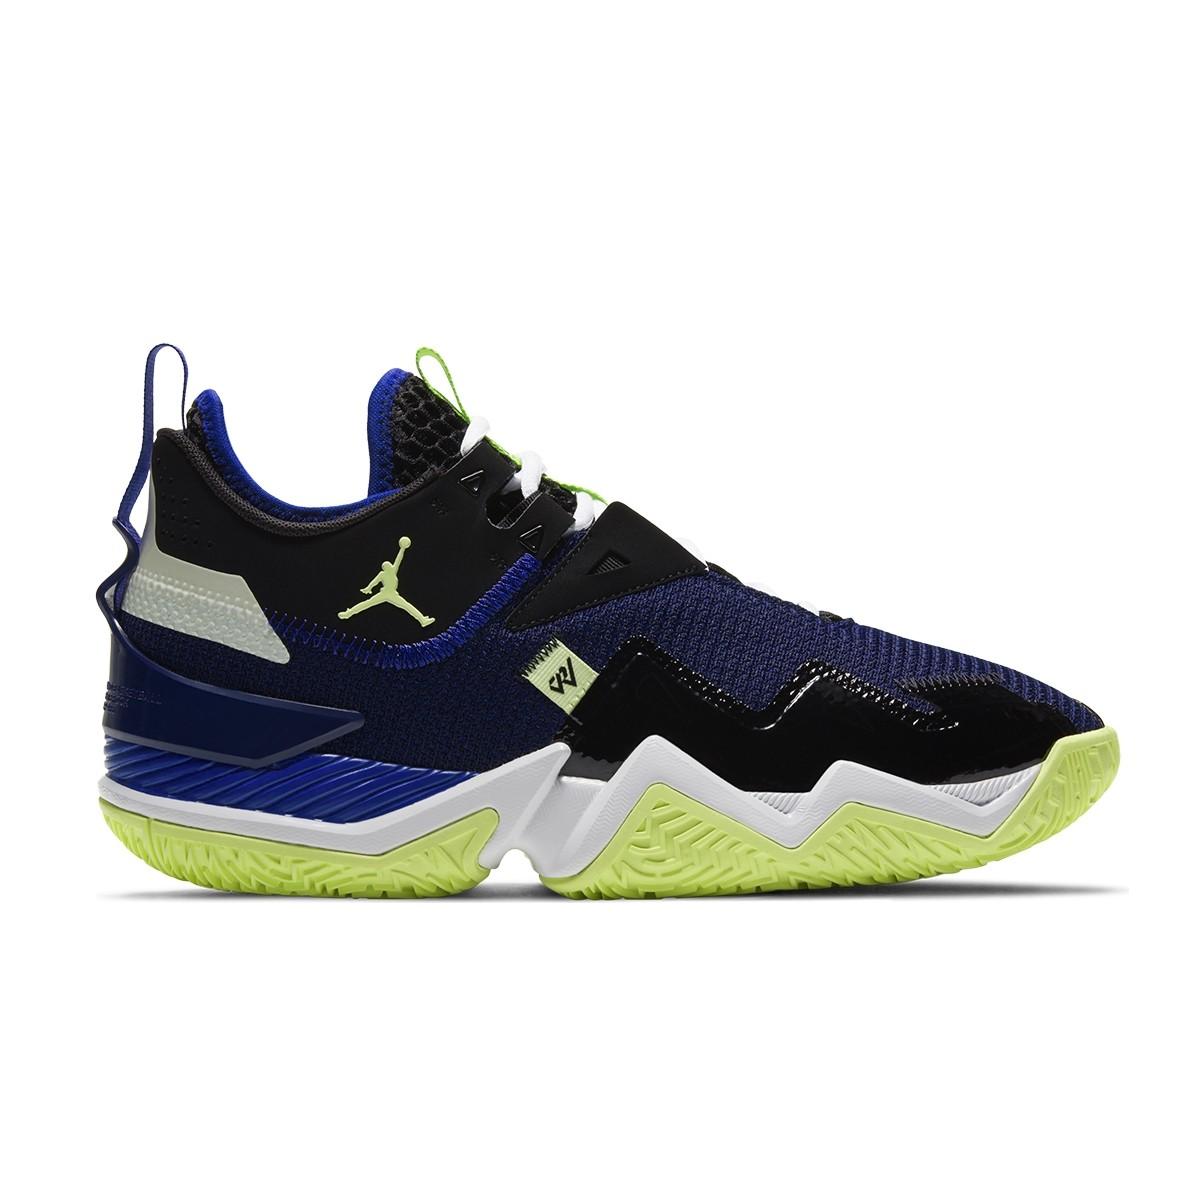 Jordan Westbrook One Take 'Blue Glow'